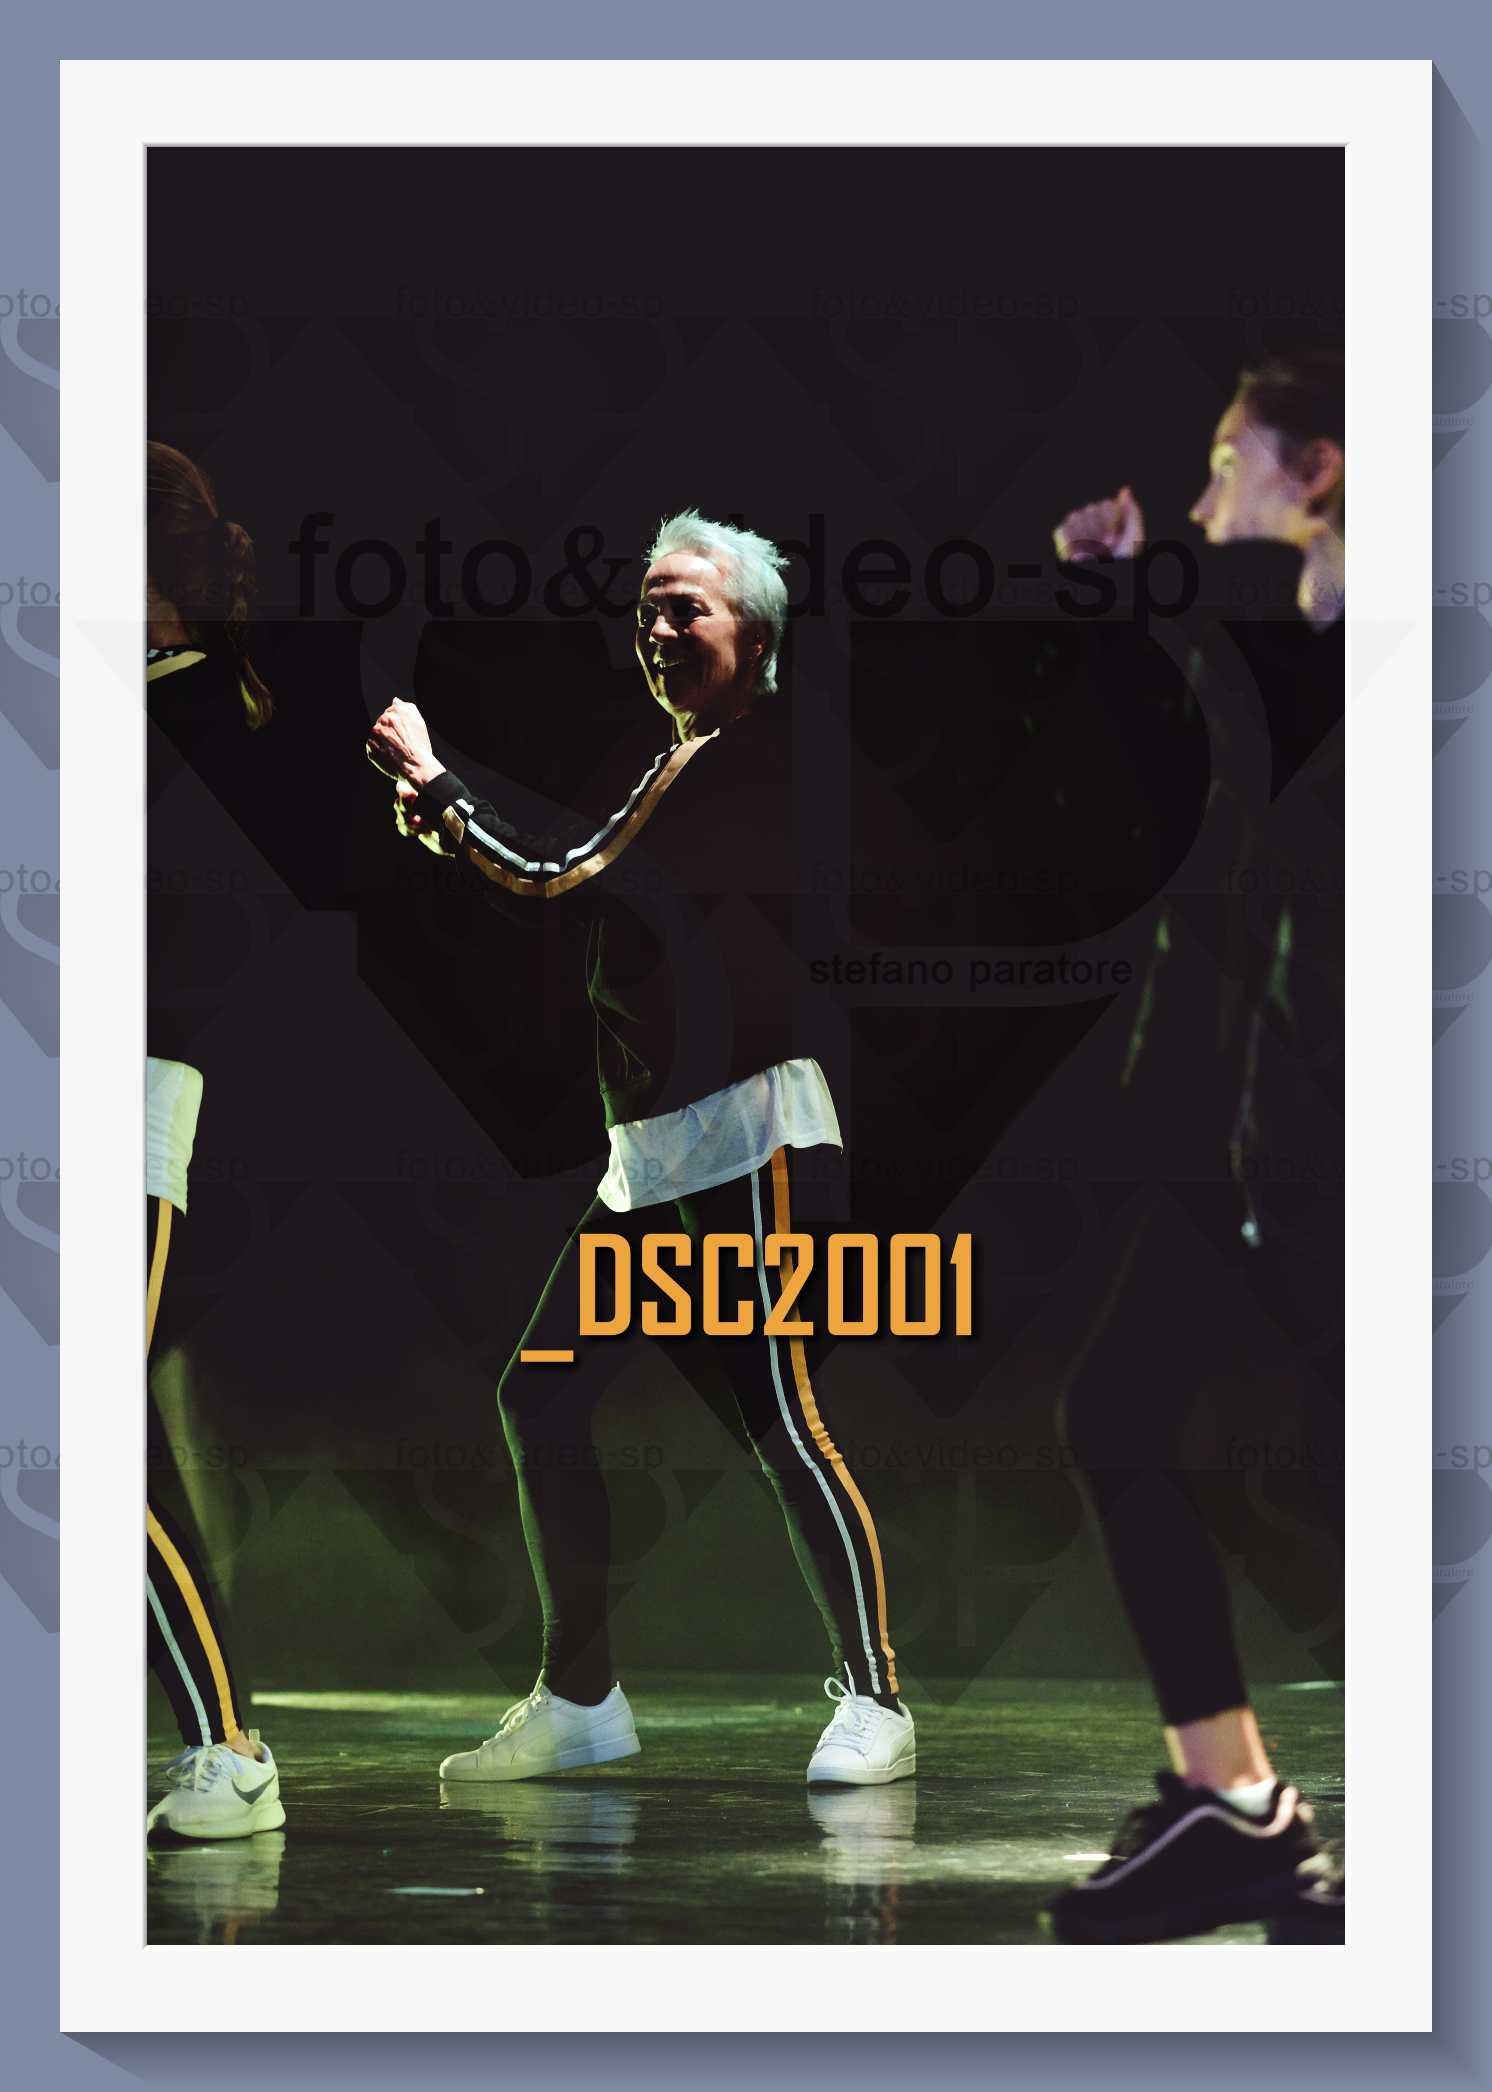 DSC2001